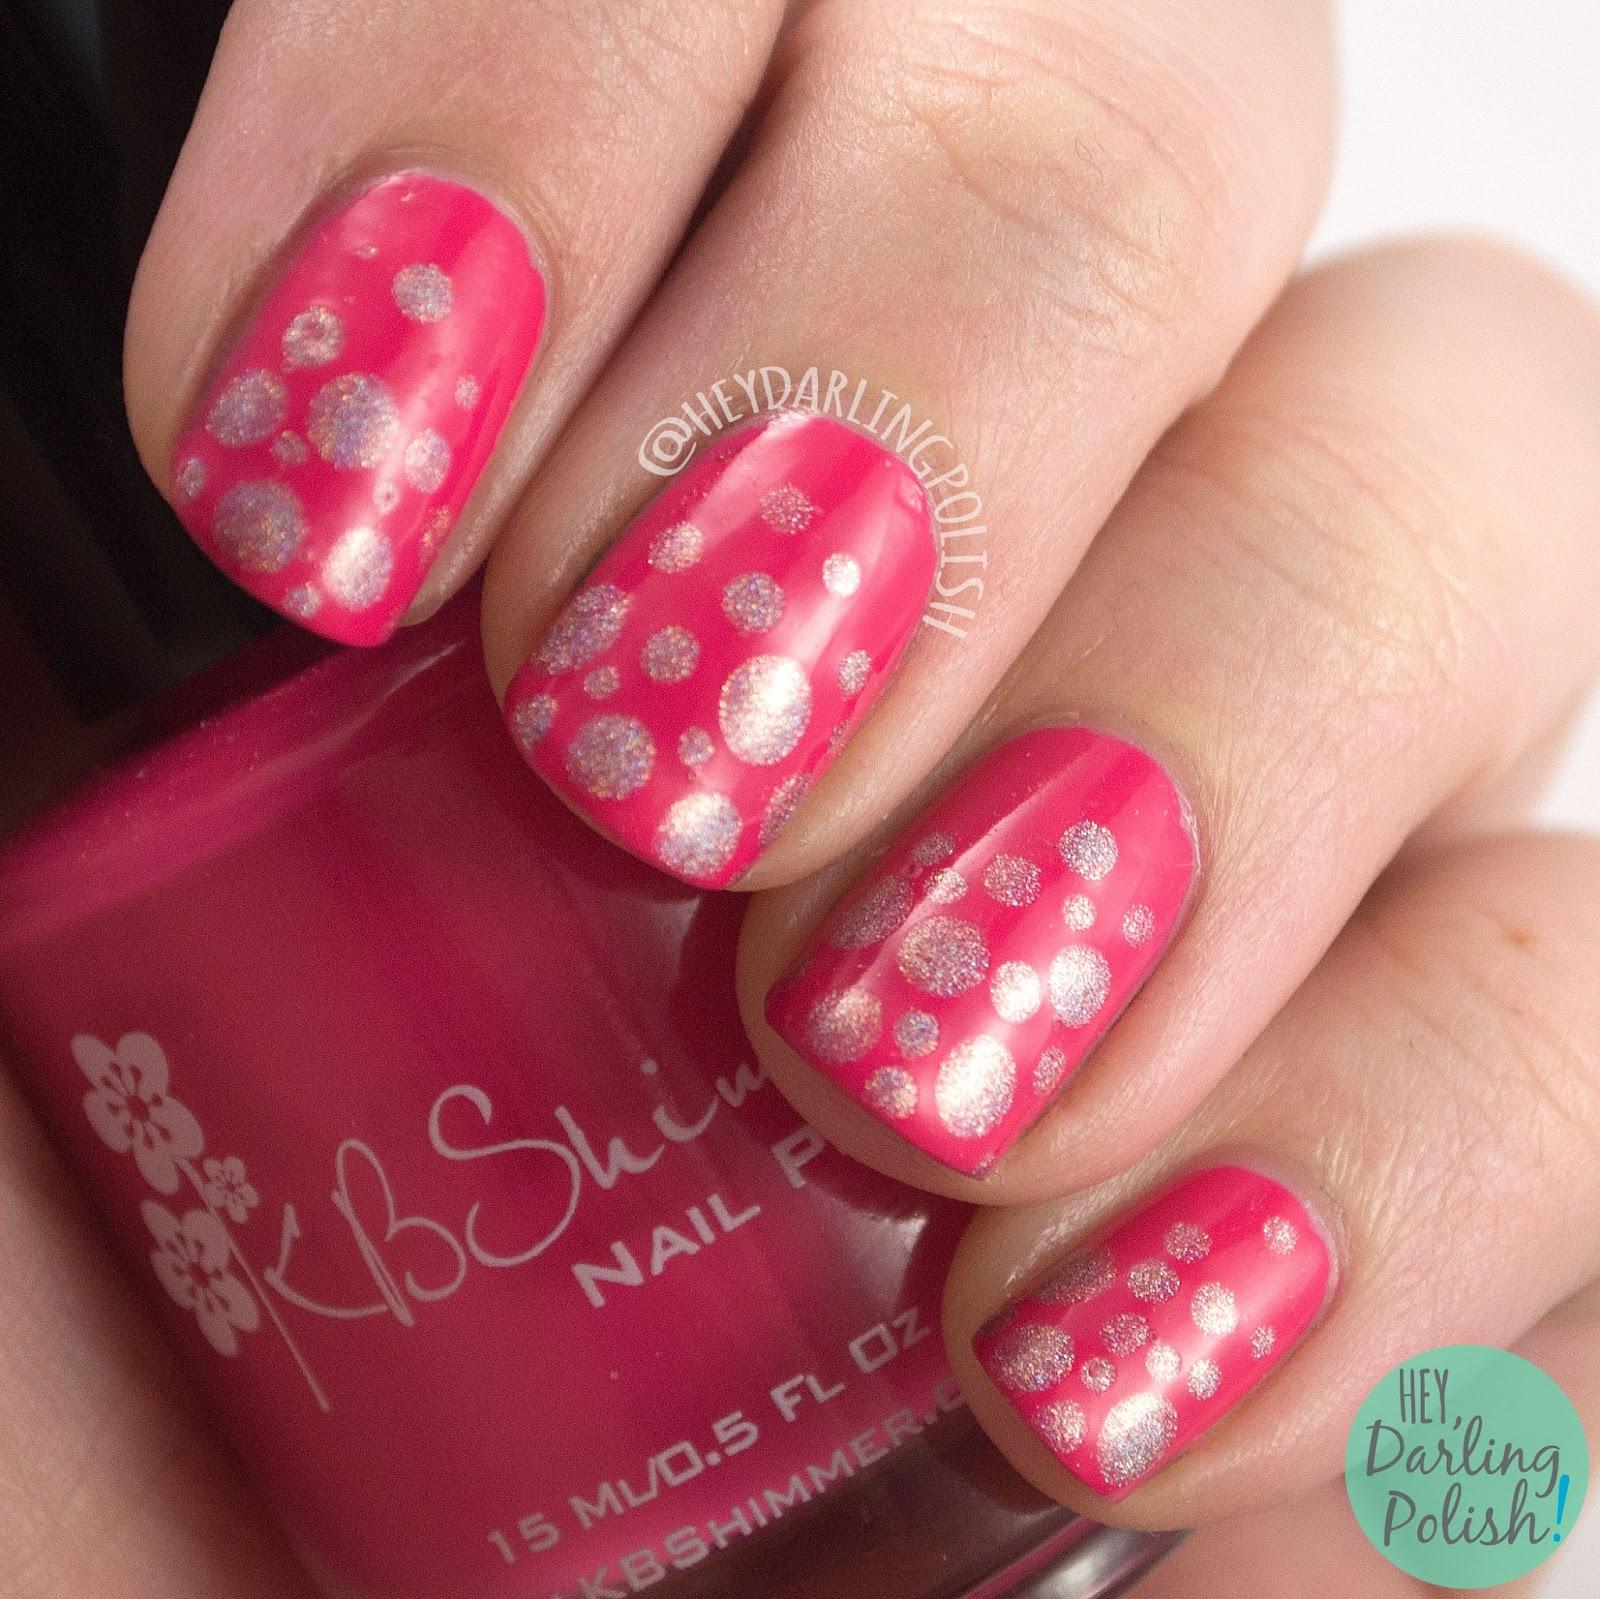 indie polish, nails, nail art, nail polish, pink, polka dots, dots, hey darling polish, nail linkup, bright, holo